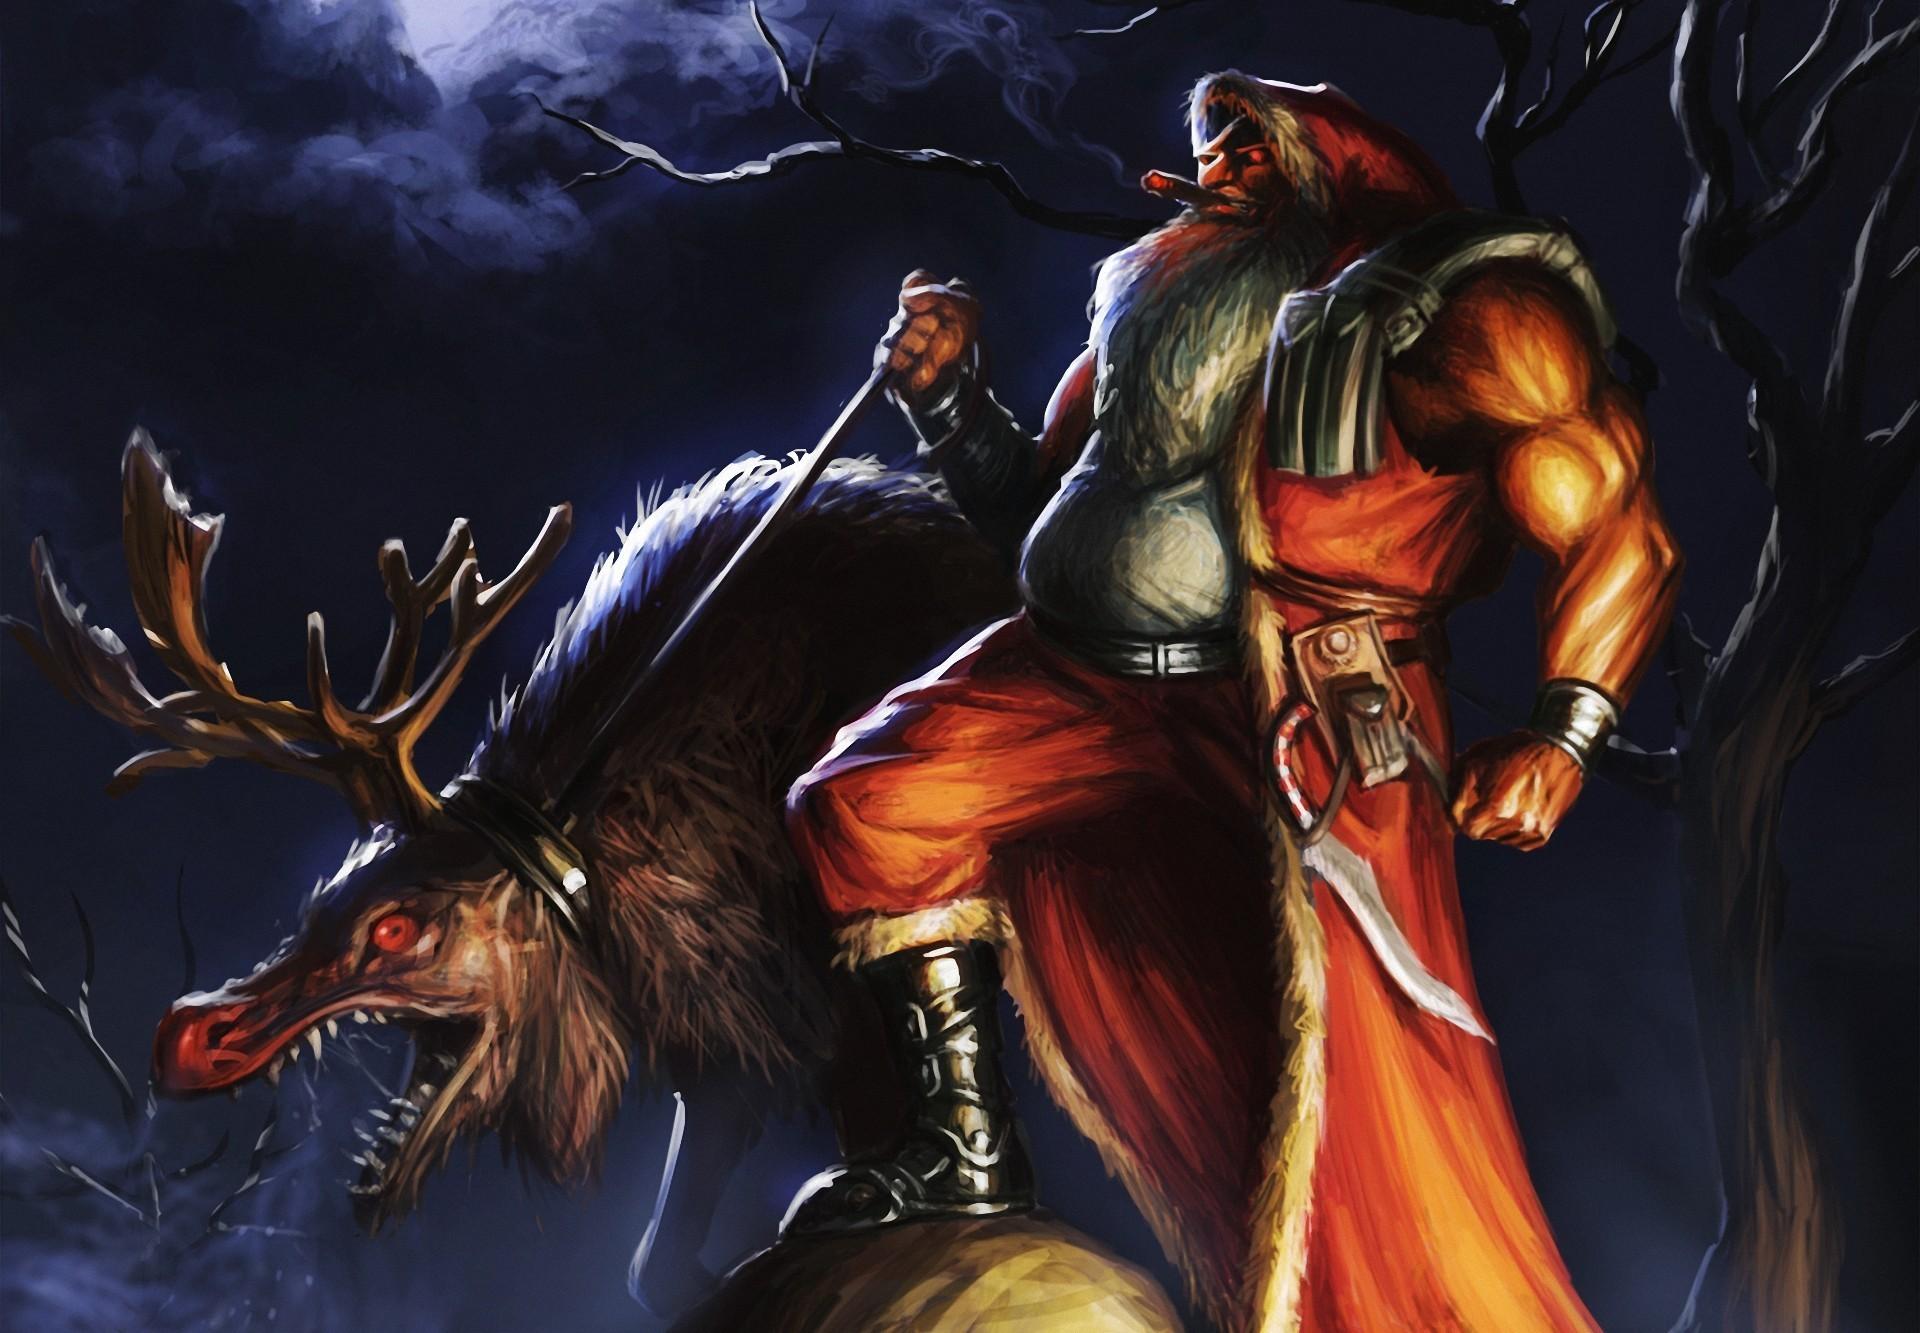 Evil Christmas Wallpaper - WallpaperSafari